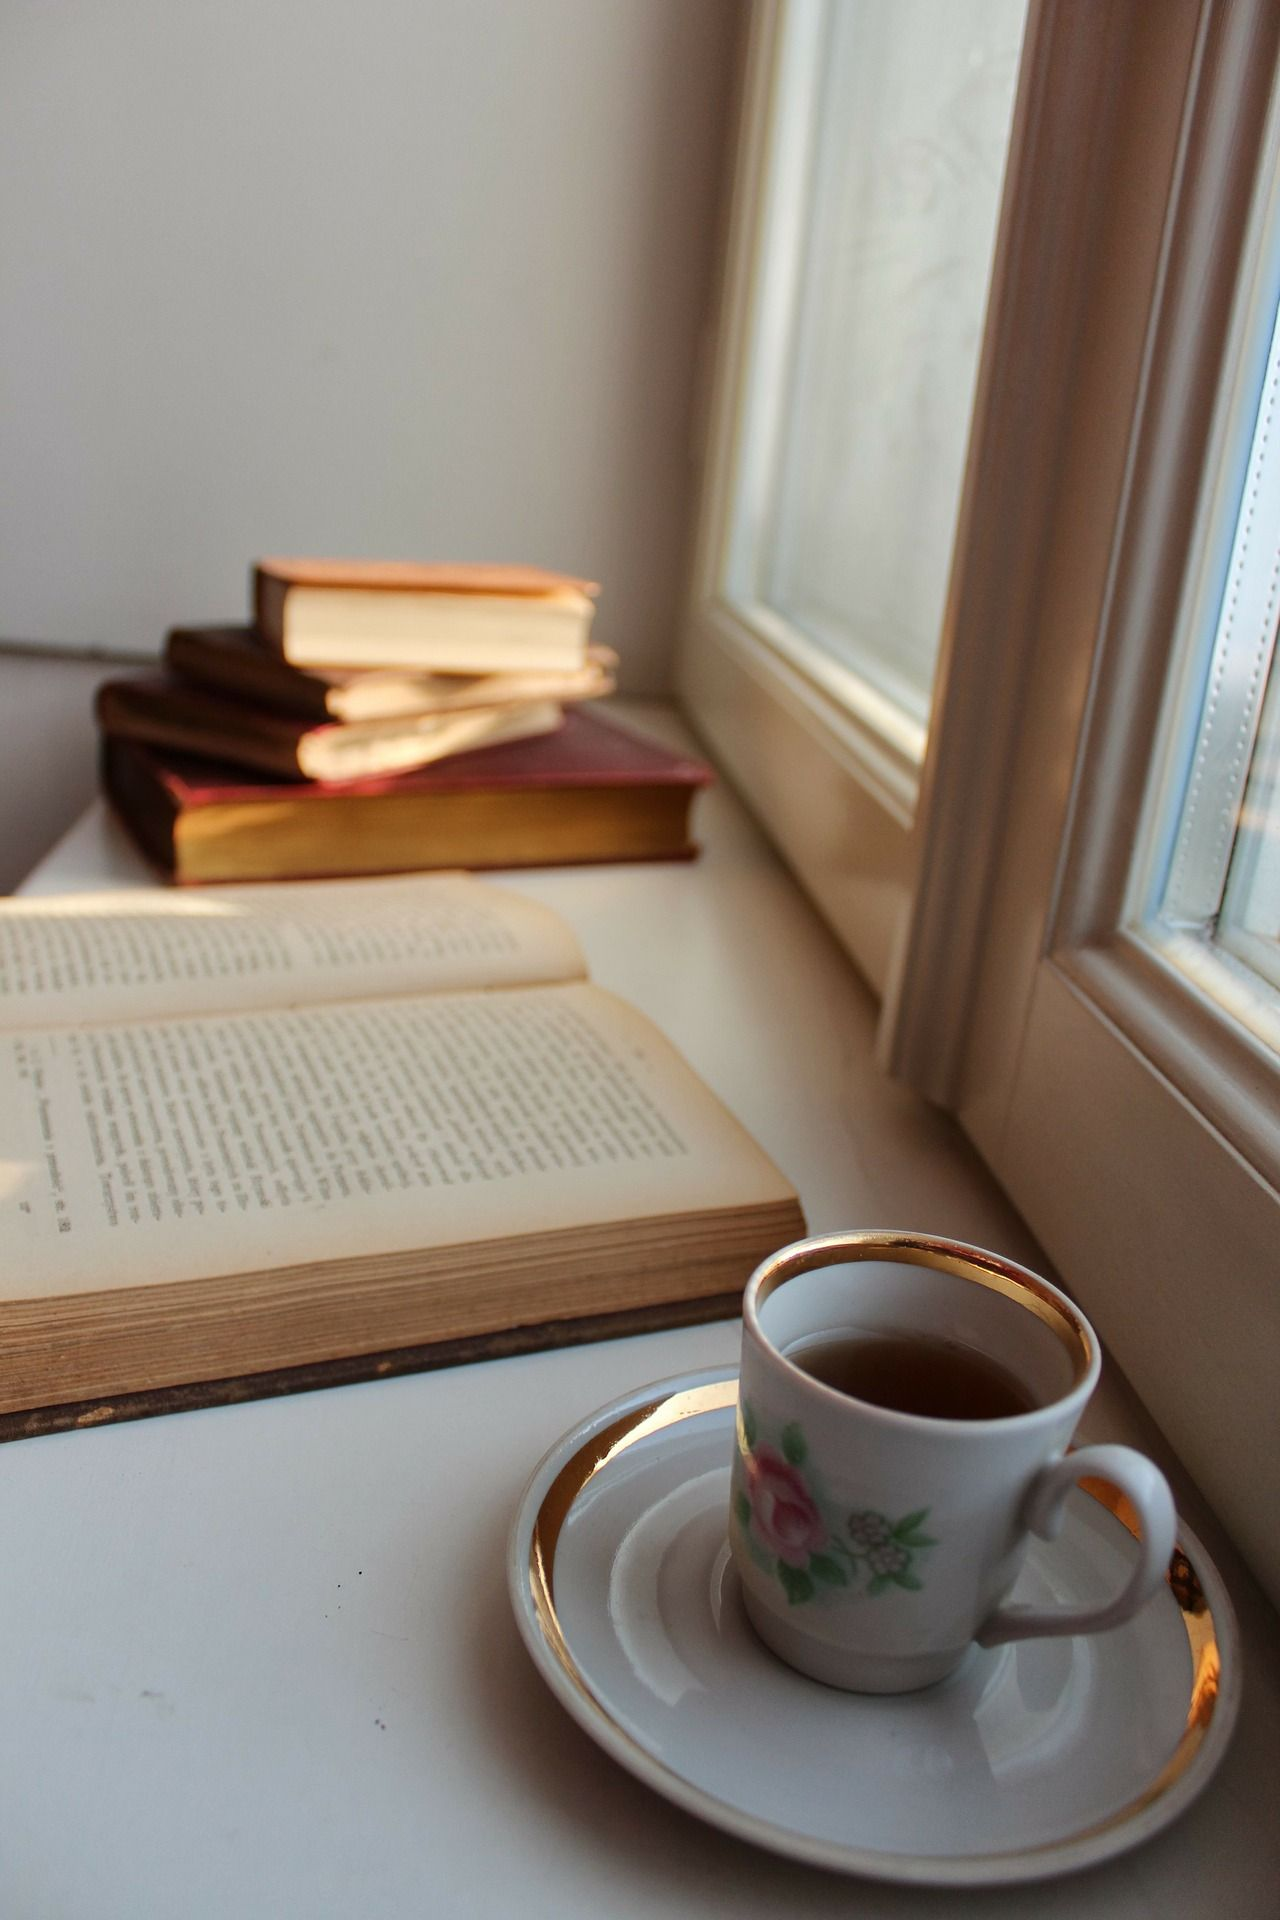 Nic nepotěší na ráno více než šálek dobrého čaje a čas na přečtení si dobré knihy. Vždy si je vyložím na parapet, udělám si mezitím snídani a užívám si ráno. http://www.slovaktual.cz/produkty/doplnky/parapety/